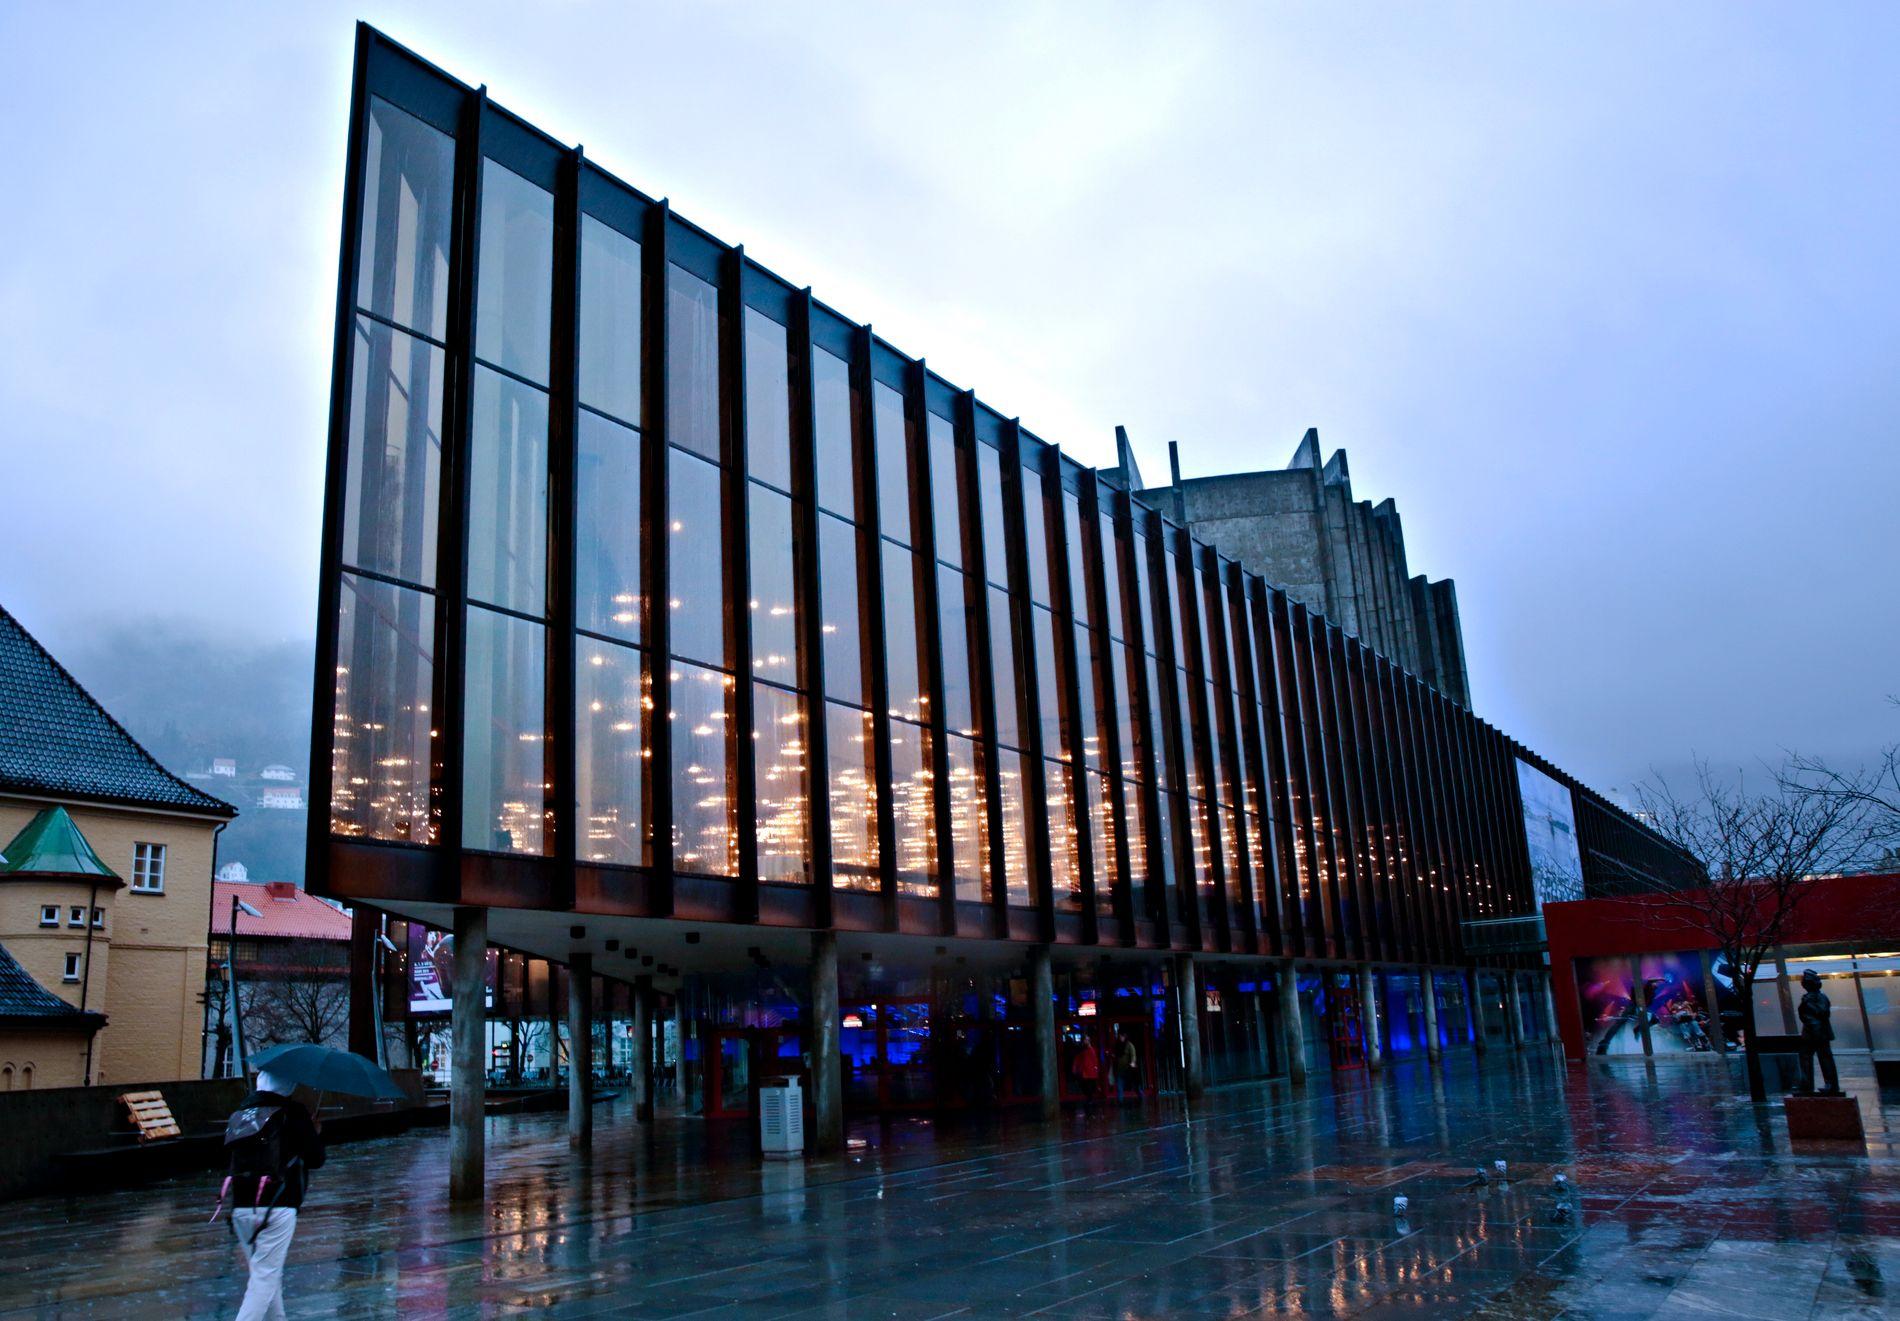 LAMPER: Lampene på innsiden av Grieghallen gjør at den lyser opp på kveldstid.